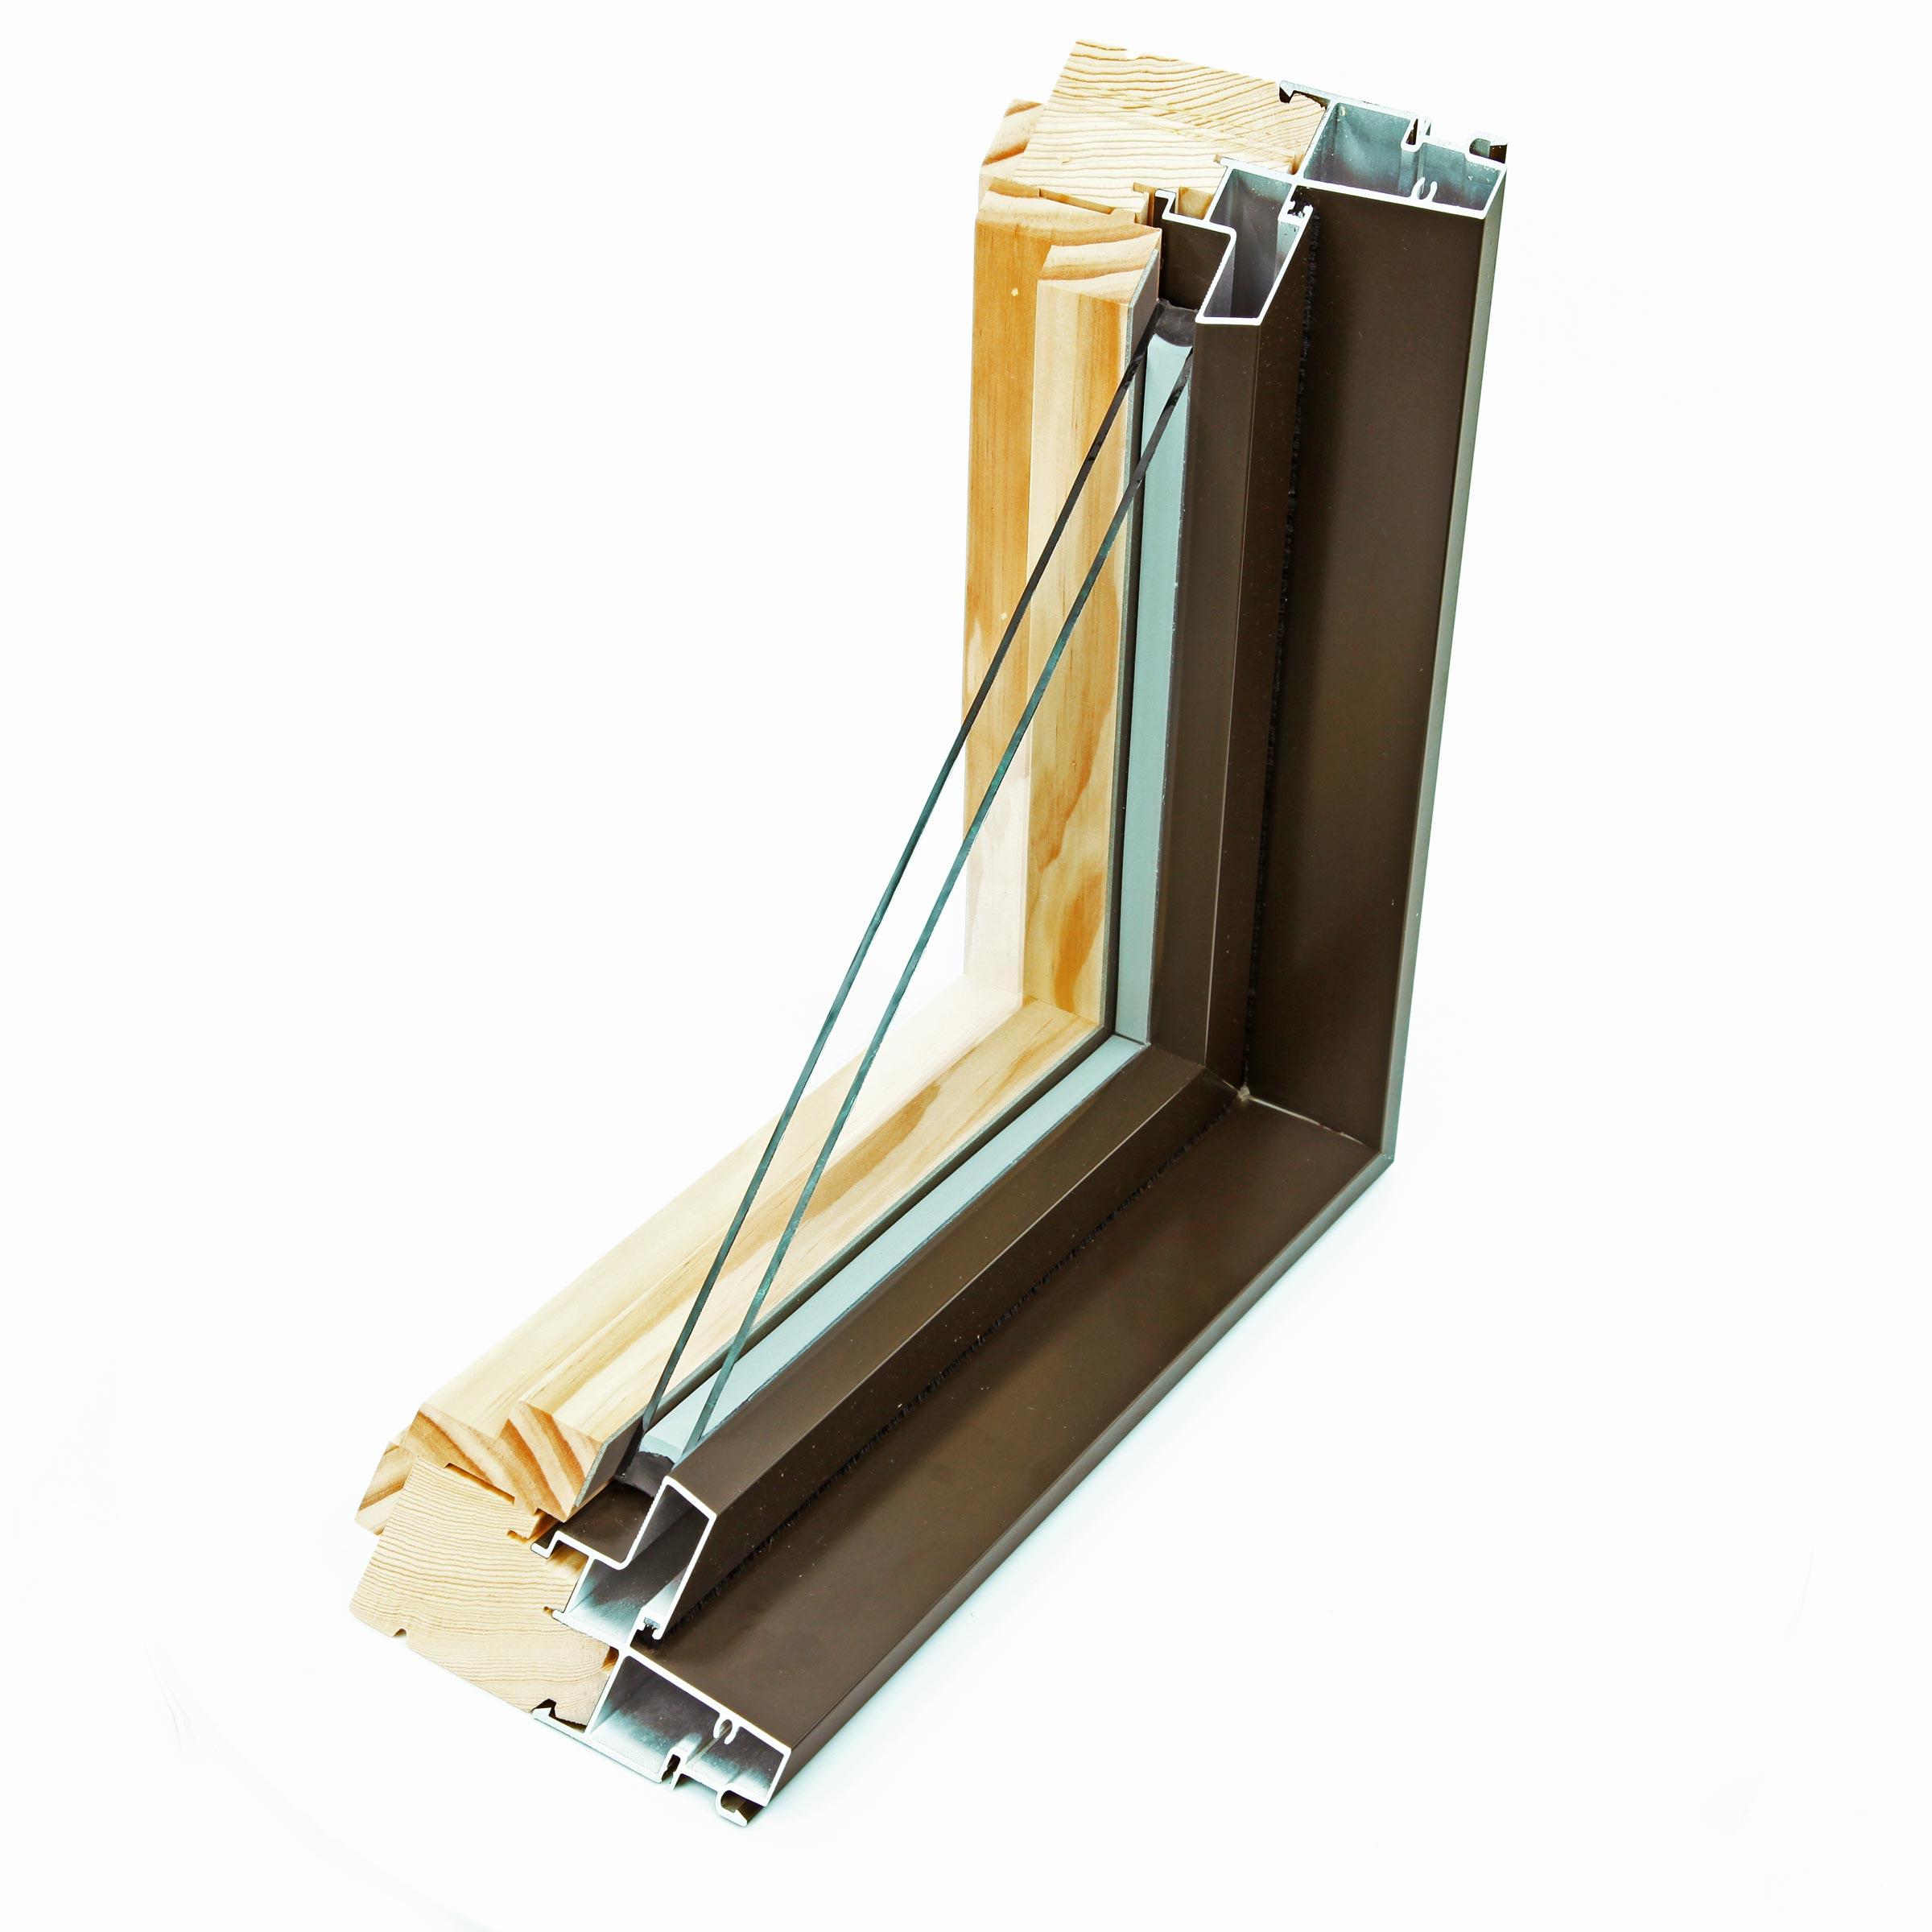 Pinnacle Wood Clad And Primed Windows Amp Doors Windsor